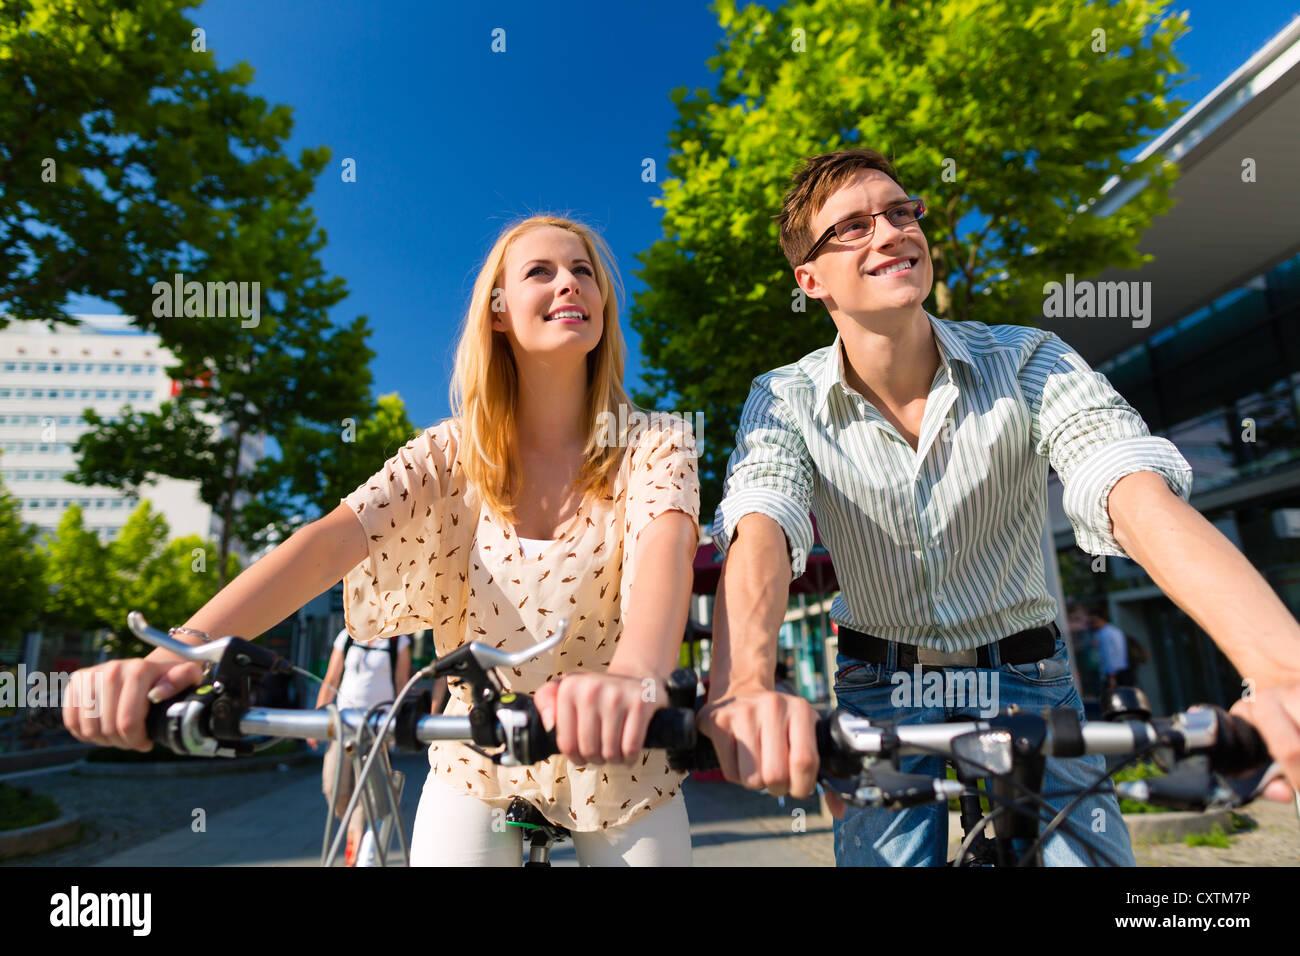 Coppia - uomo e donna - la bicicletta o biciclette nel loro tempo libero e il divertimento su una soleggiata giornata Immagini Stock